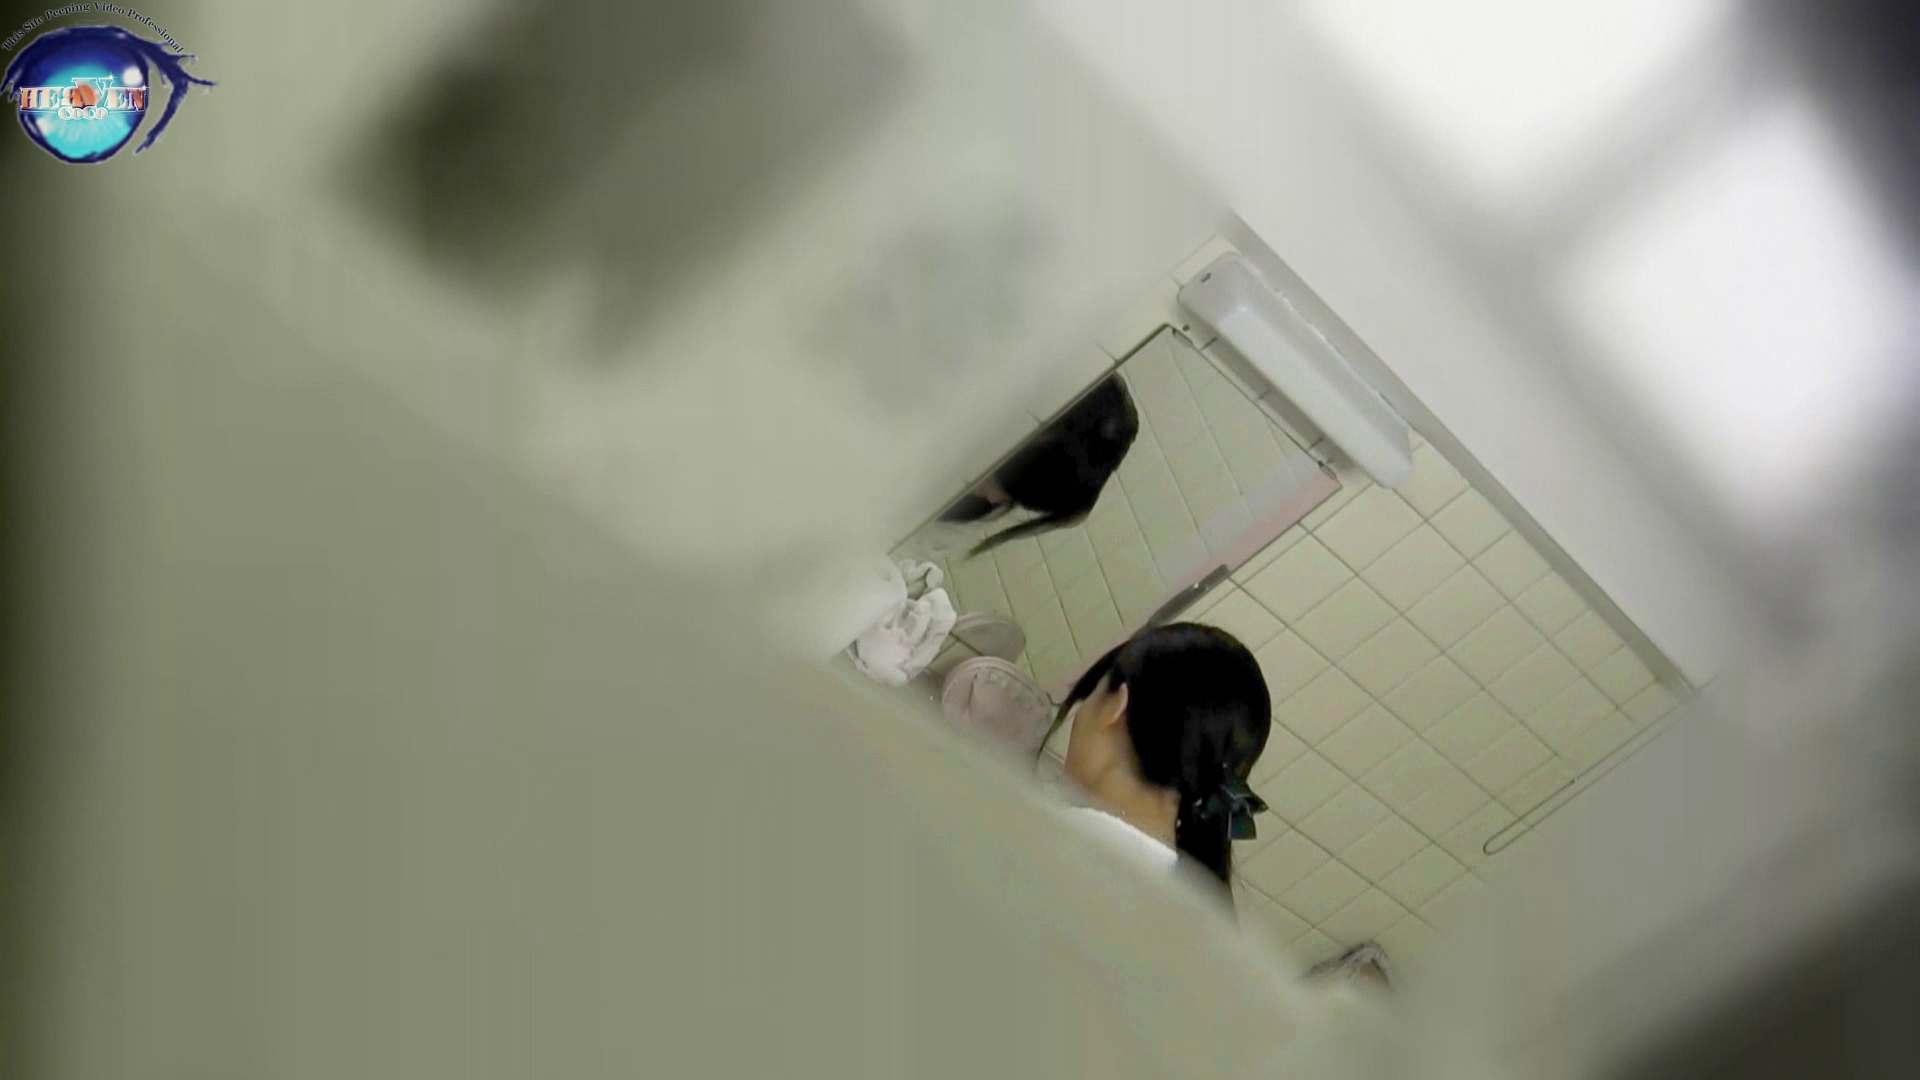 洗面所突入レポート!!お銀 vol.67 新たな場所への挑戦が始まる!!後編 OLエロ画像  49PICs 48